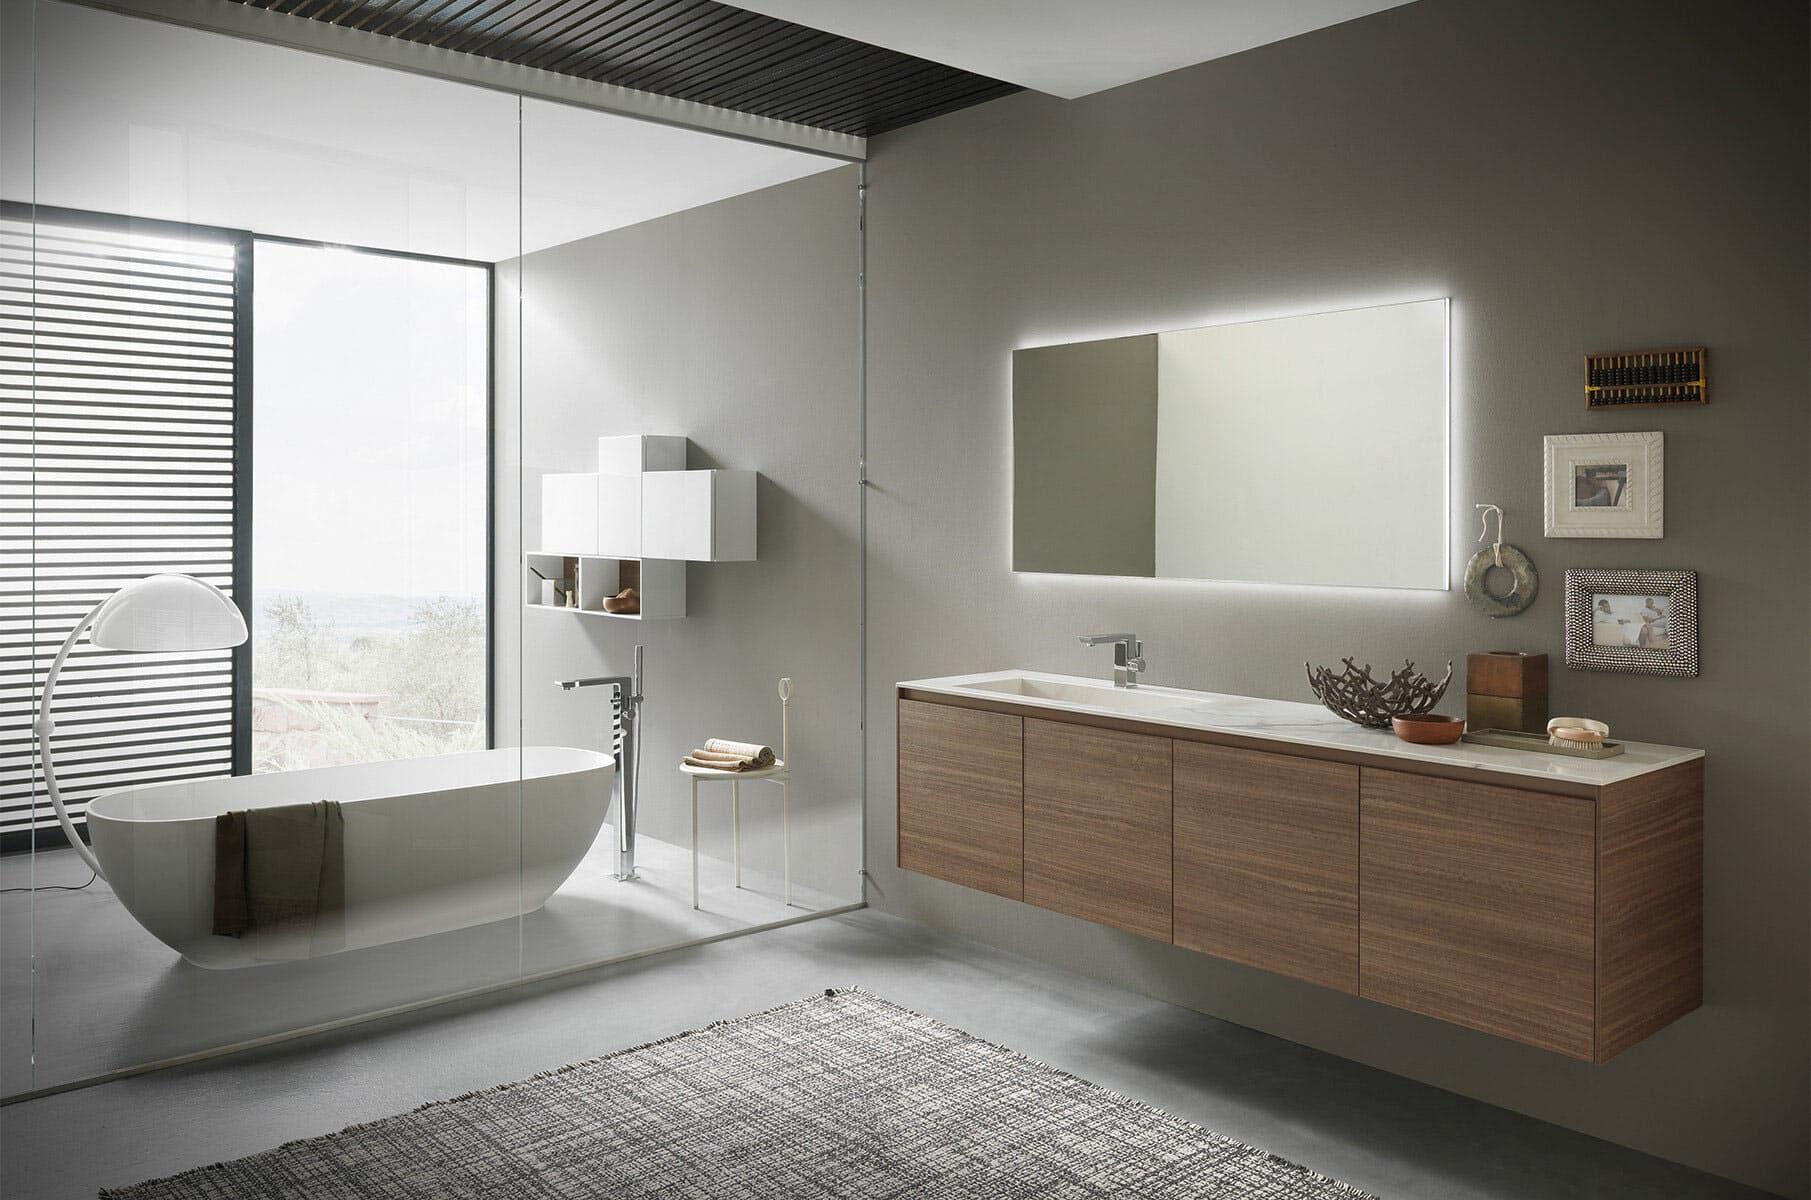 Bagno Moderno Con Vasca Da Bagno : Box doccia vasca bagno moderno con vasca e box doccia in